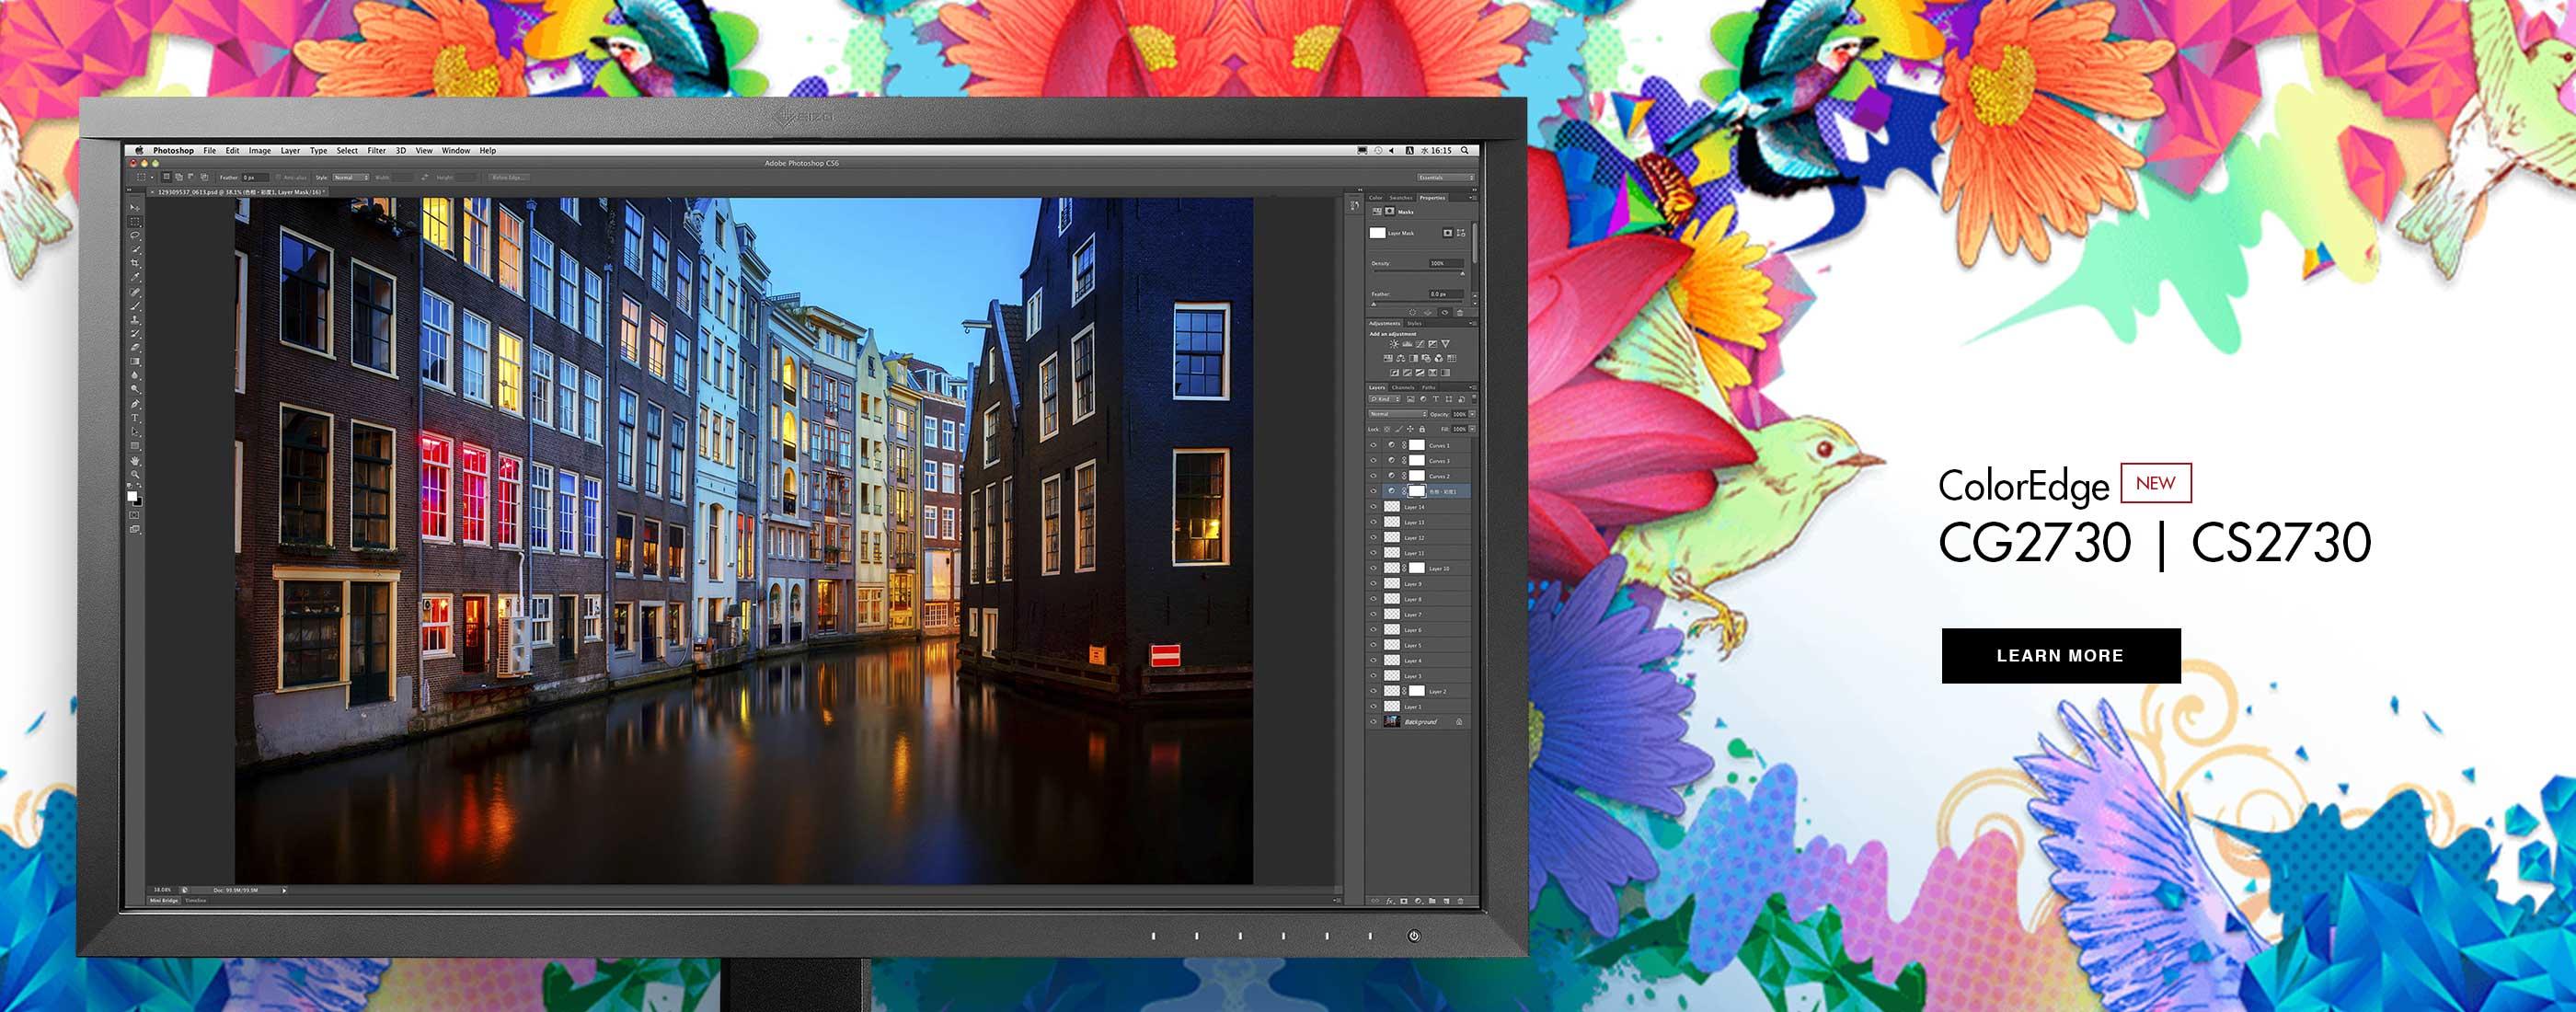 ColorEdge CG2730 / CS2730. Precision beyond color.